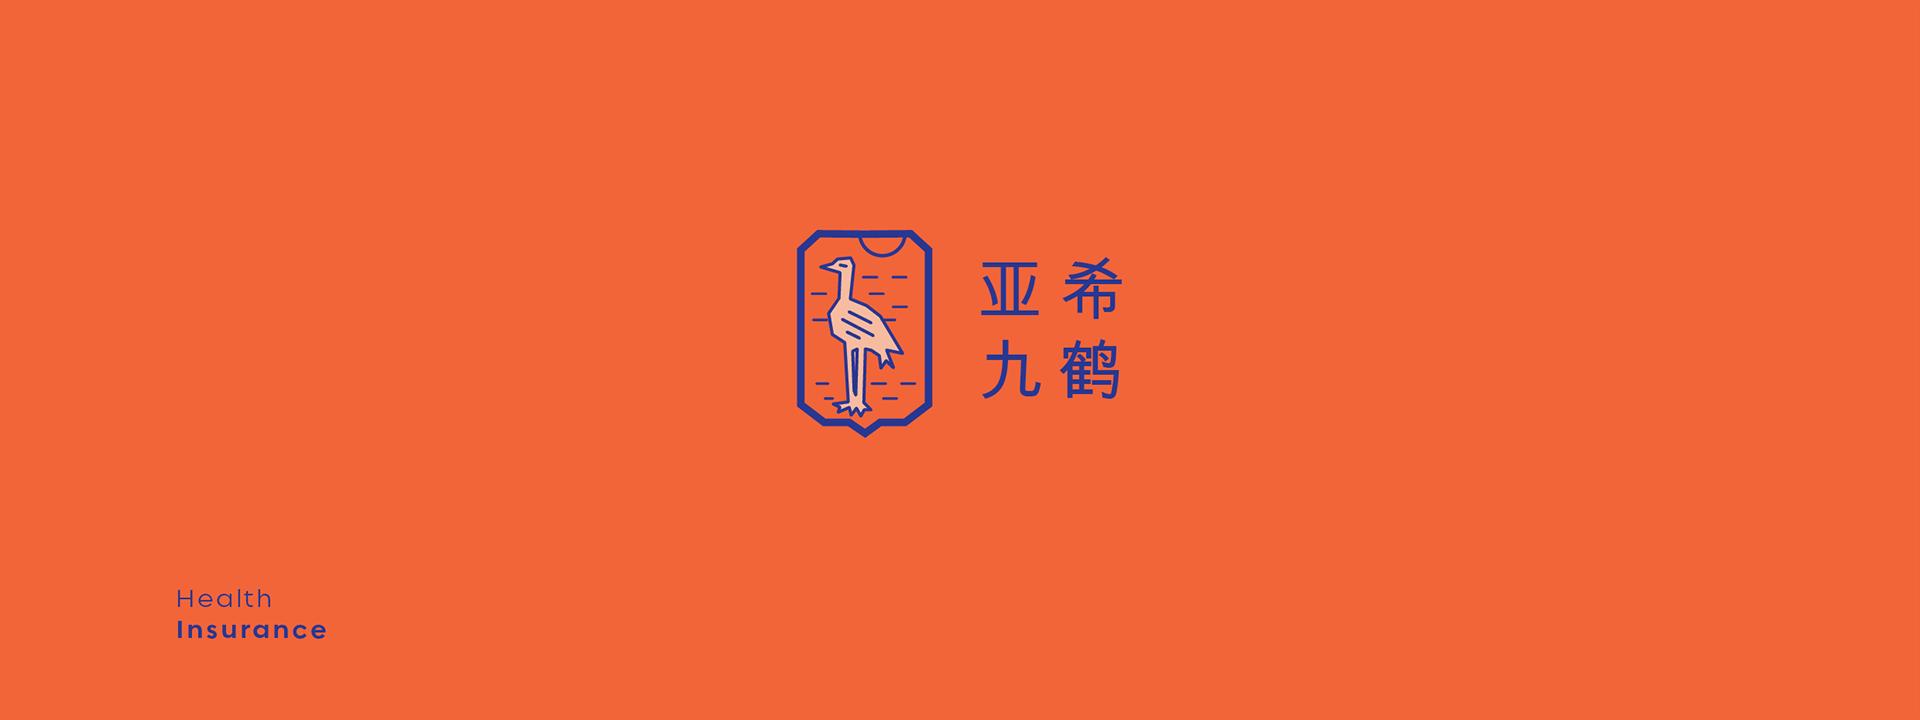 gregor ivanusic标志设计作品(二)